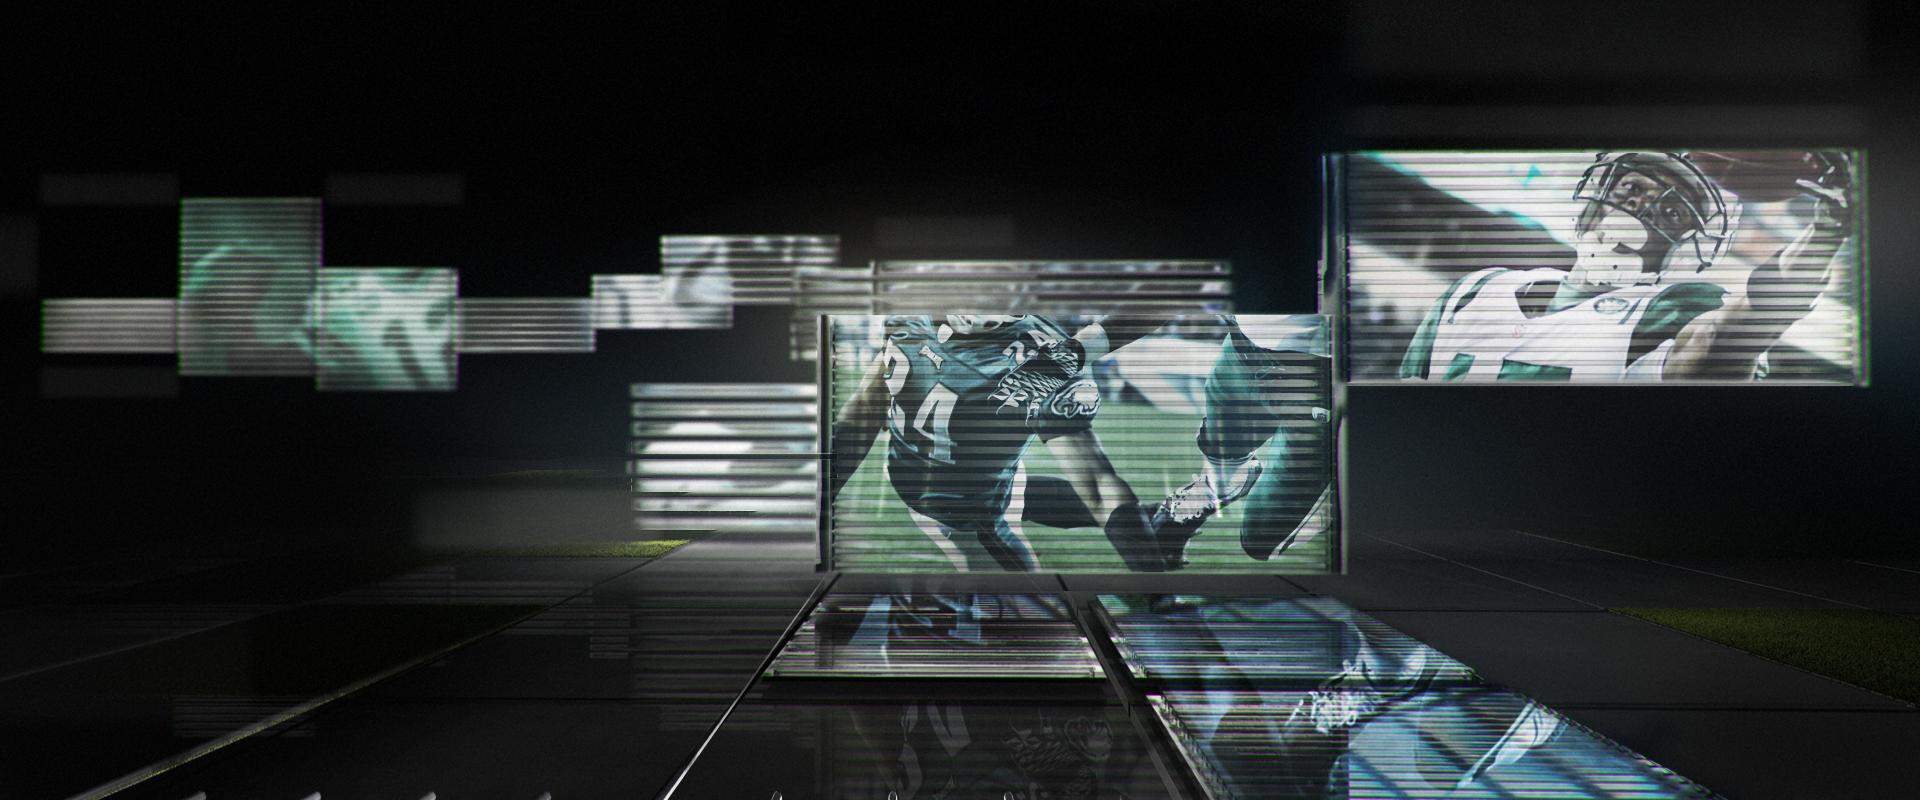 ESPN-OPEN-NEON-BLACK-2-4.jpg